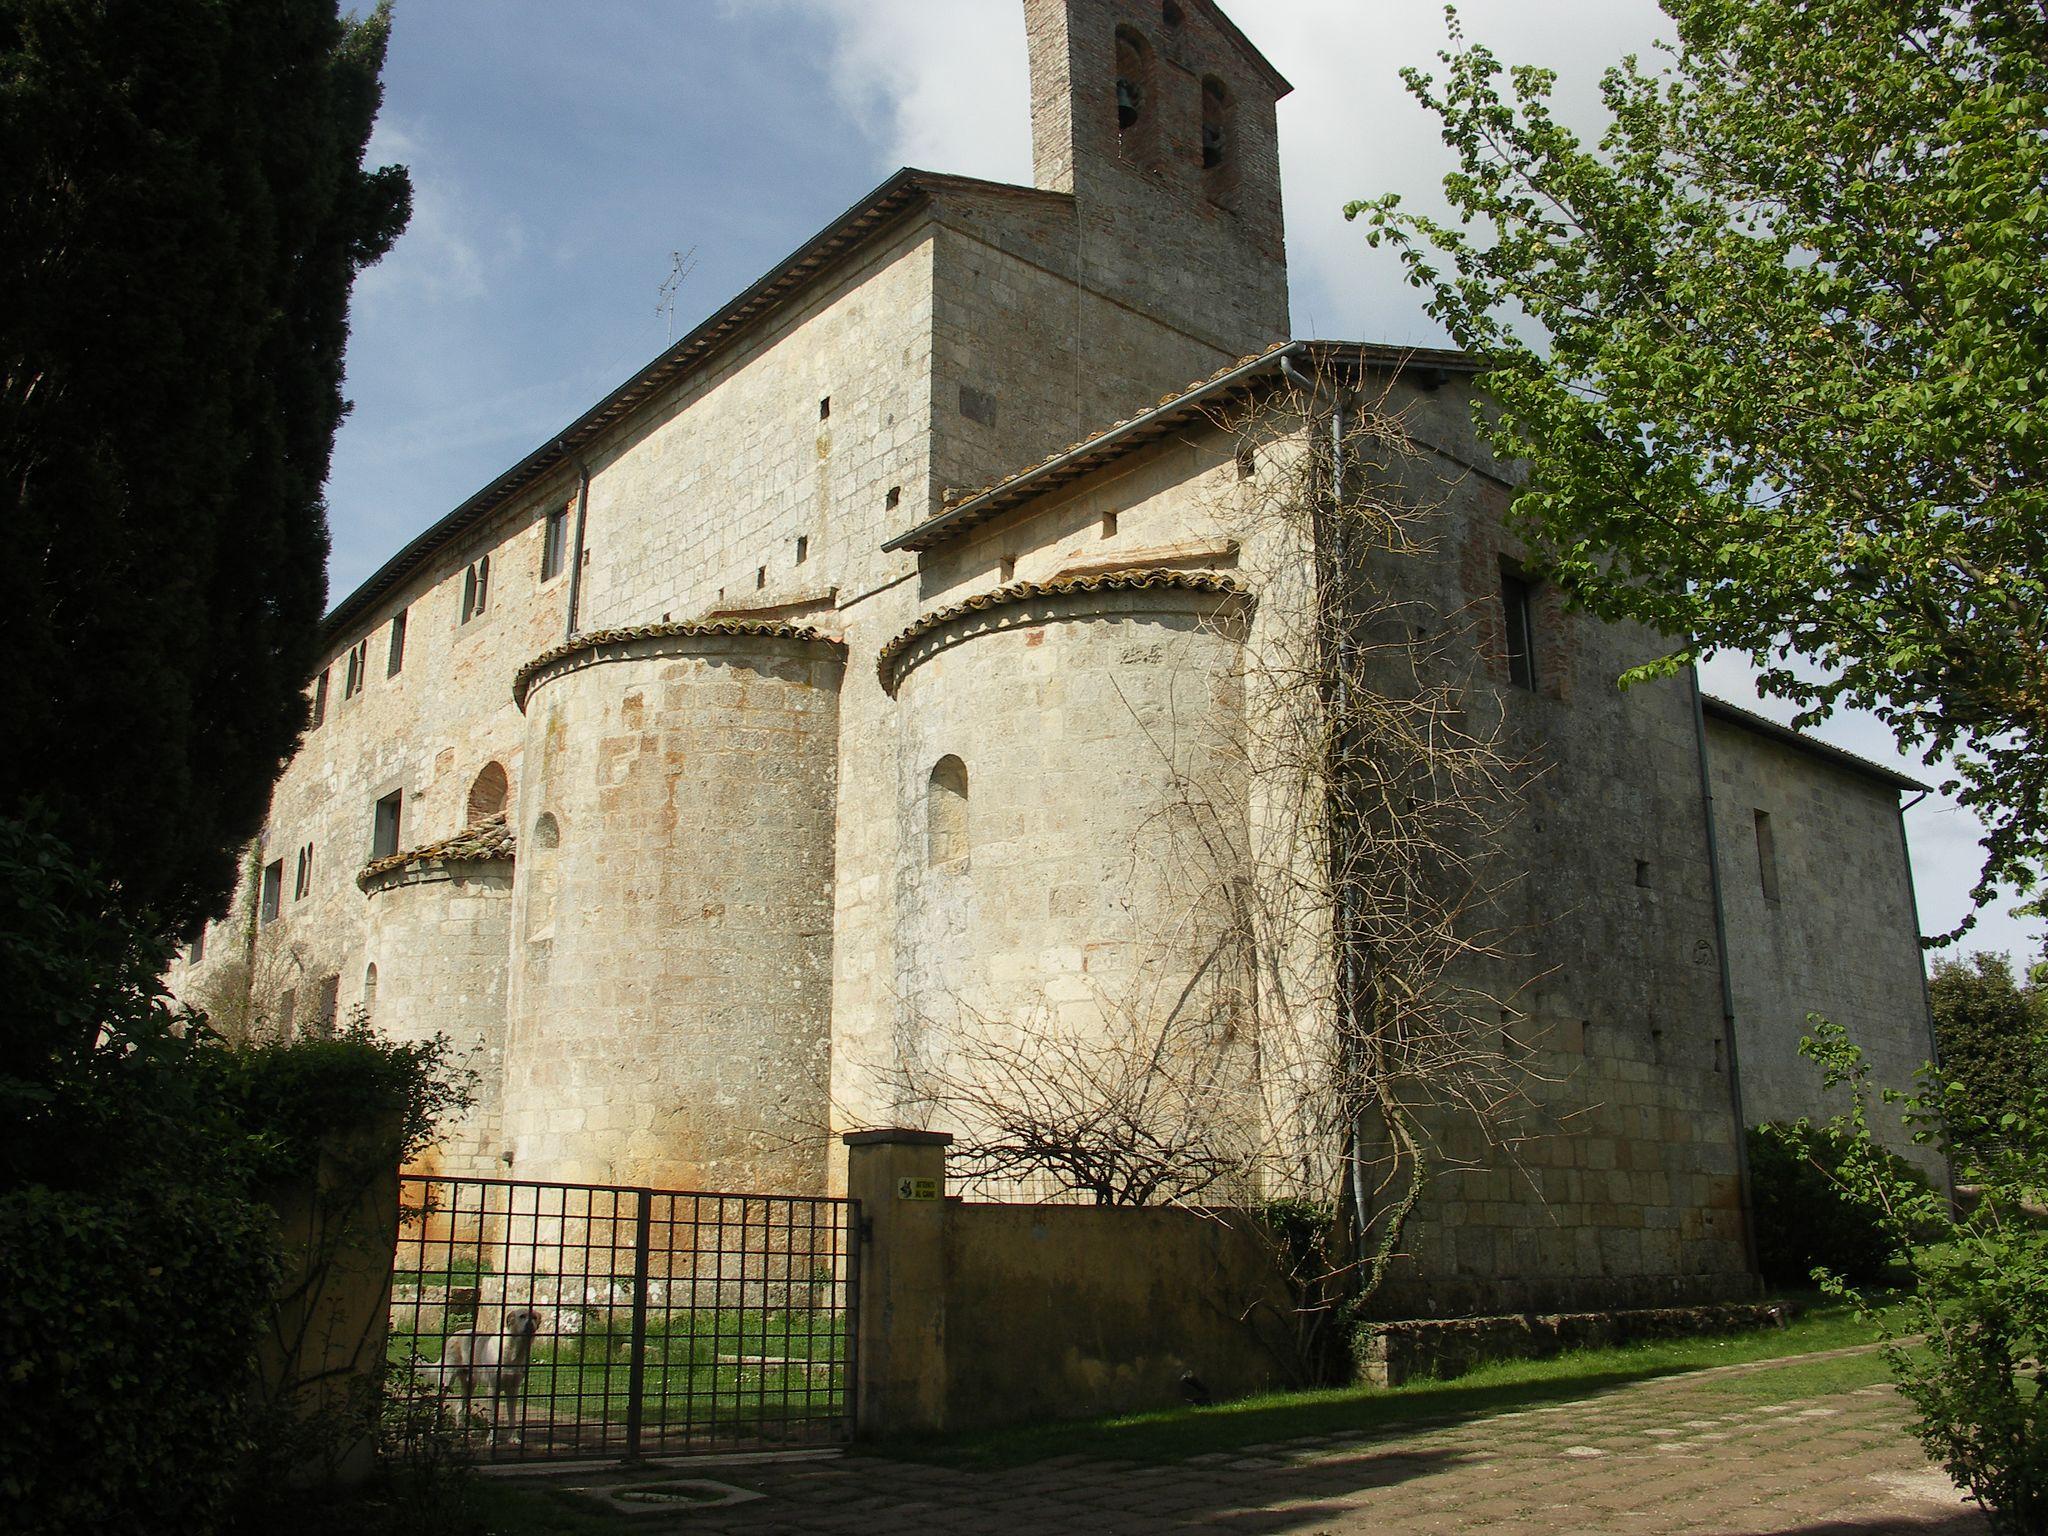 Sarteano (Siena). Abbazia di Spineta, absidi romaniche